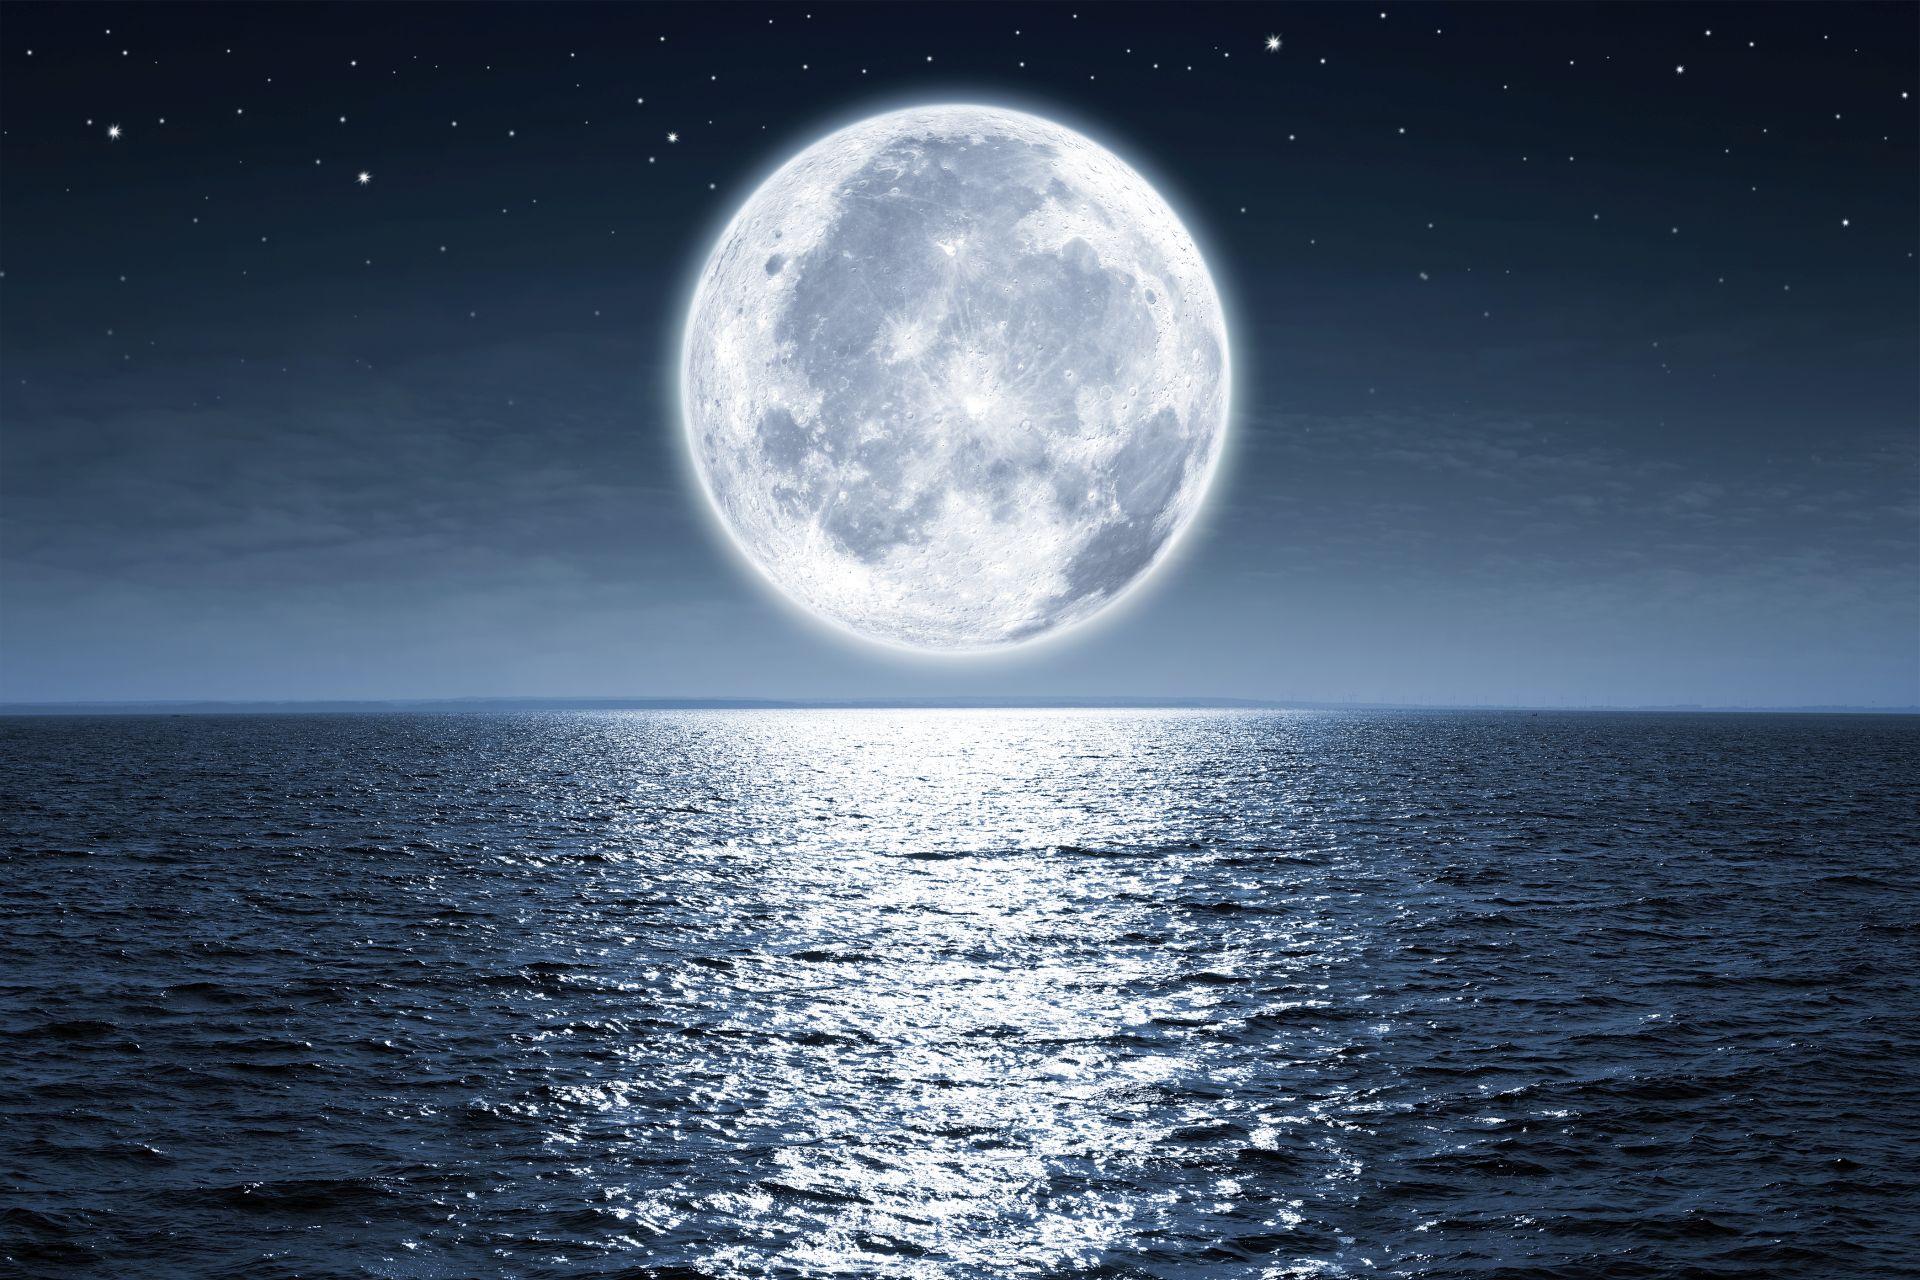 La pleine lune a t elle une influence sur notre comportement for Jardin et la lune